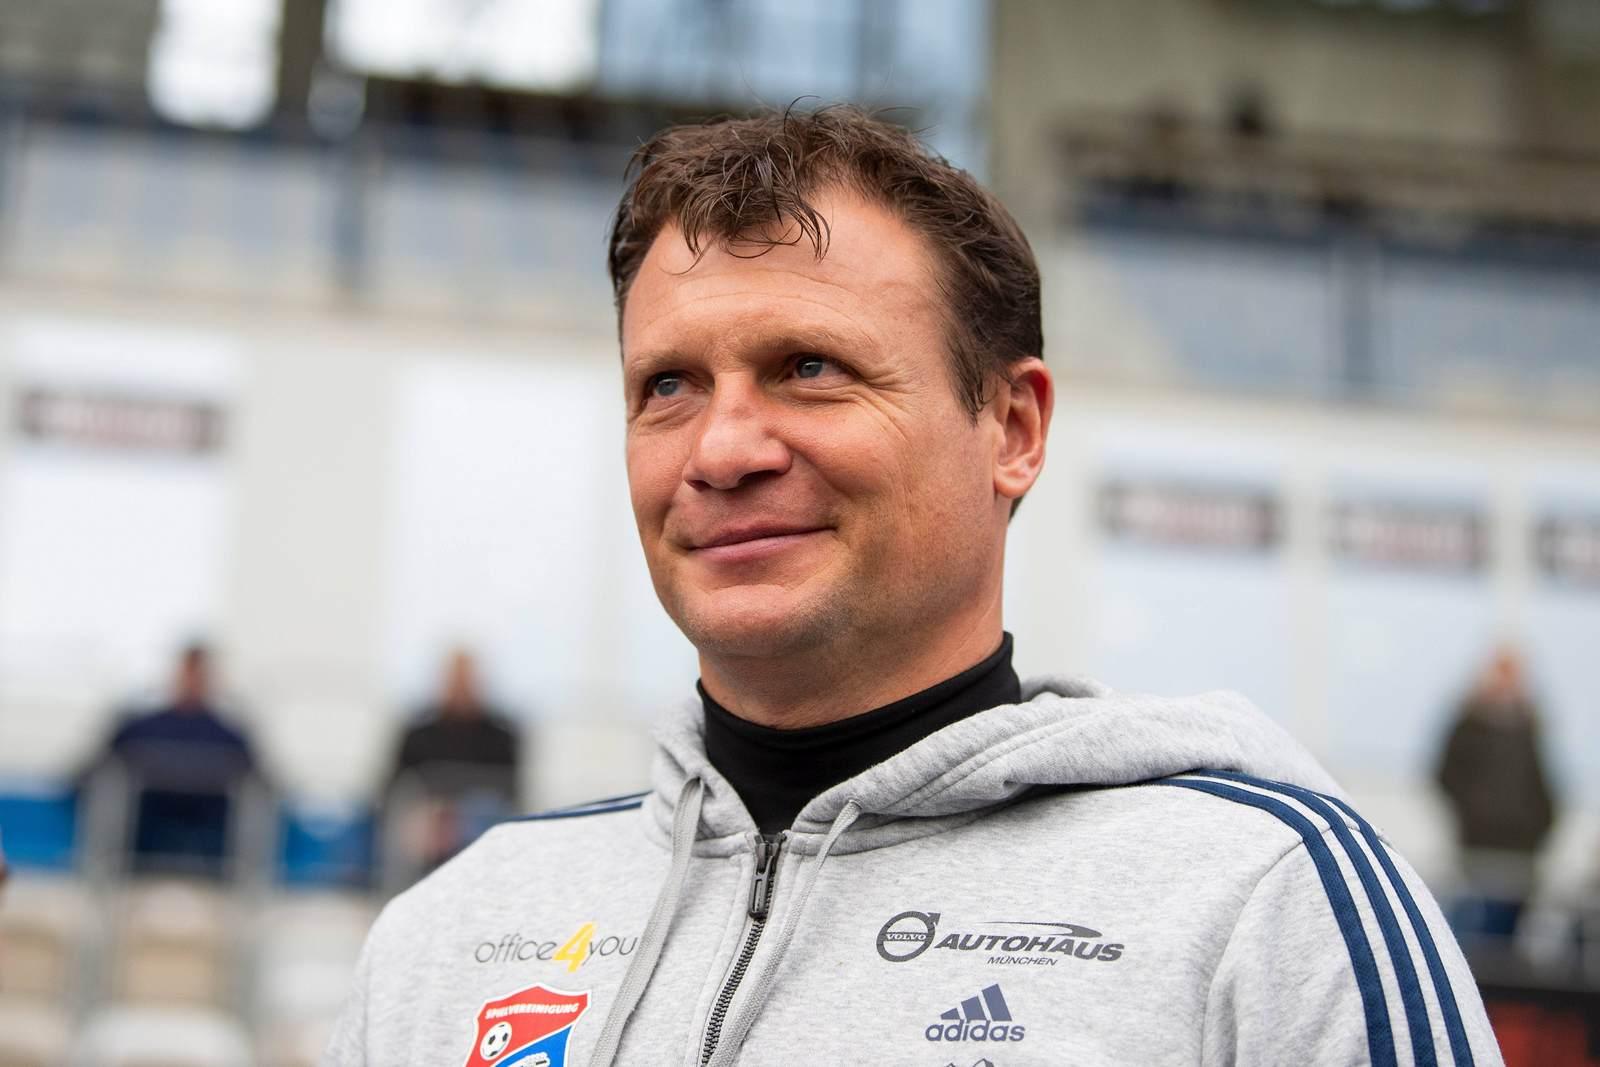 Claus Schromm von der SpVgg Unterhaching